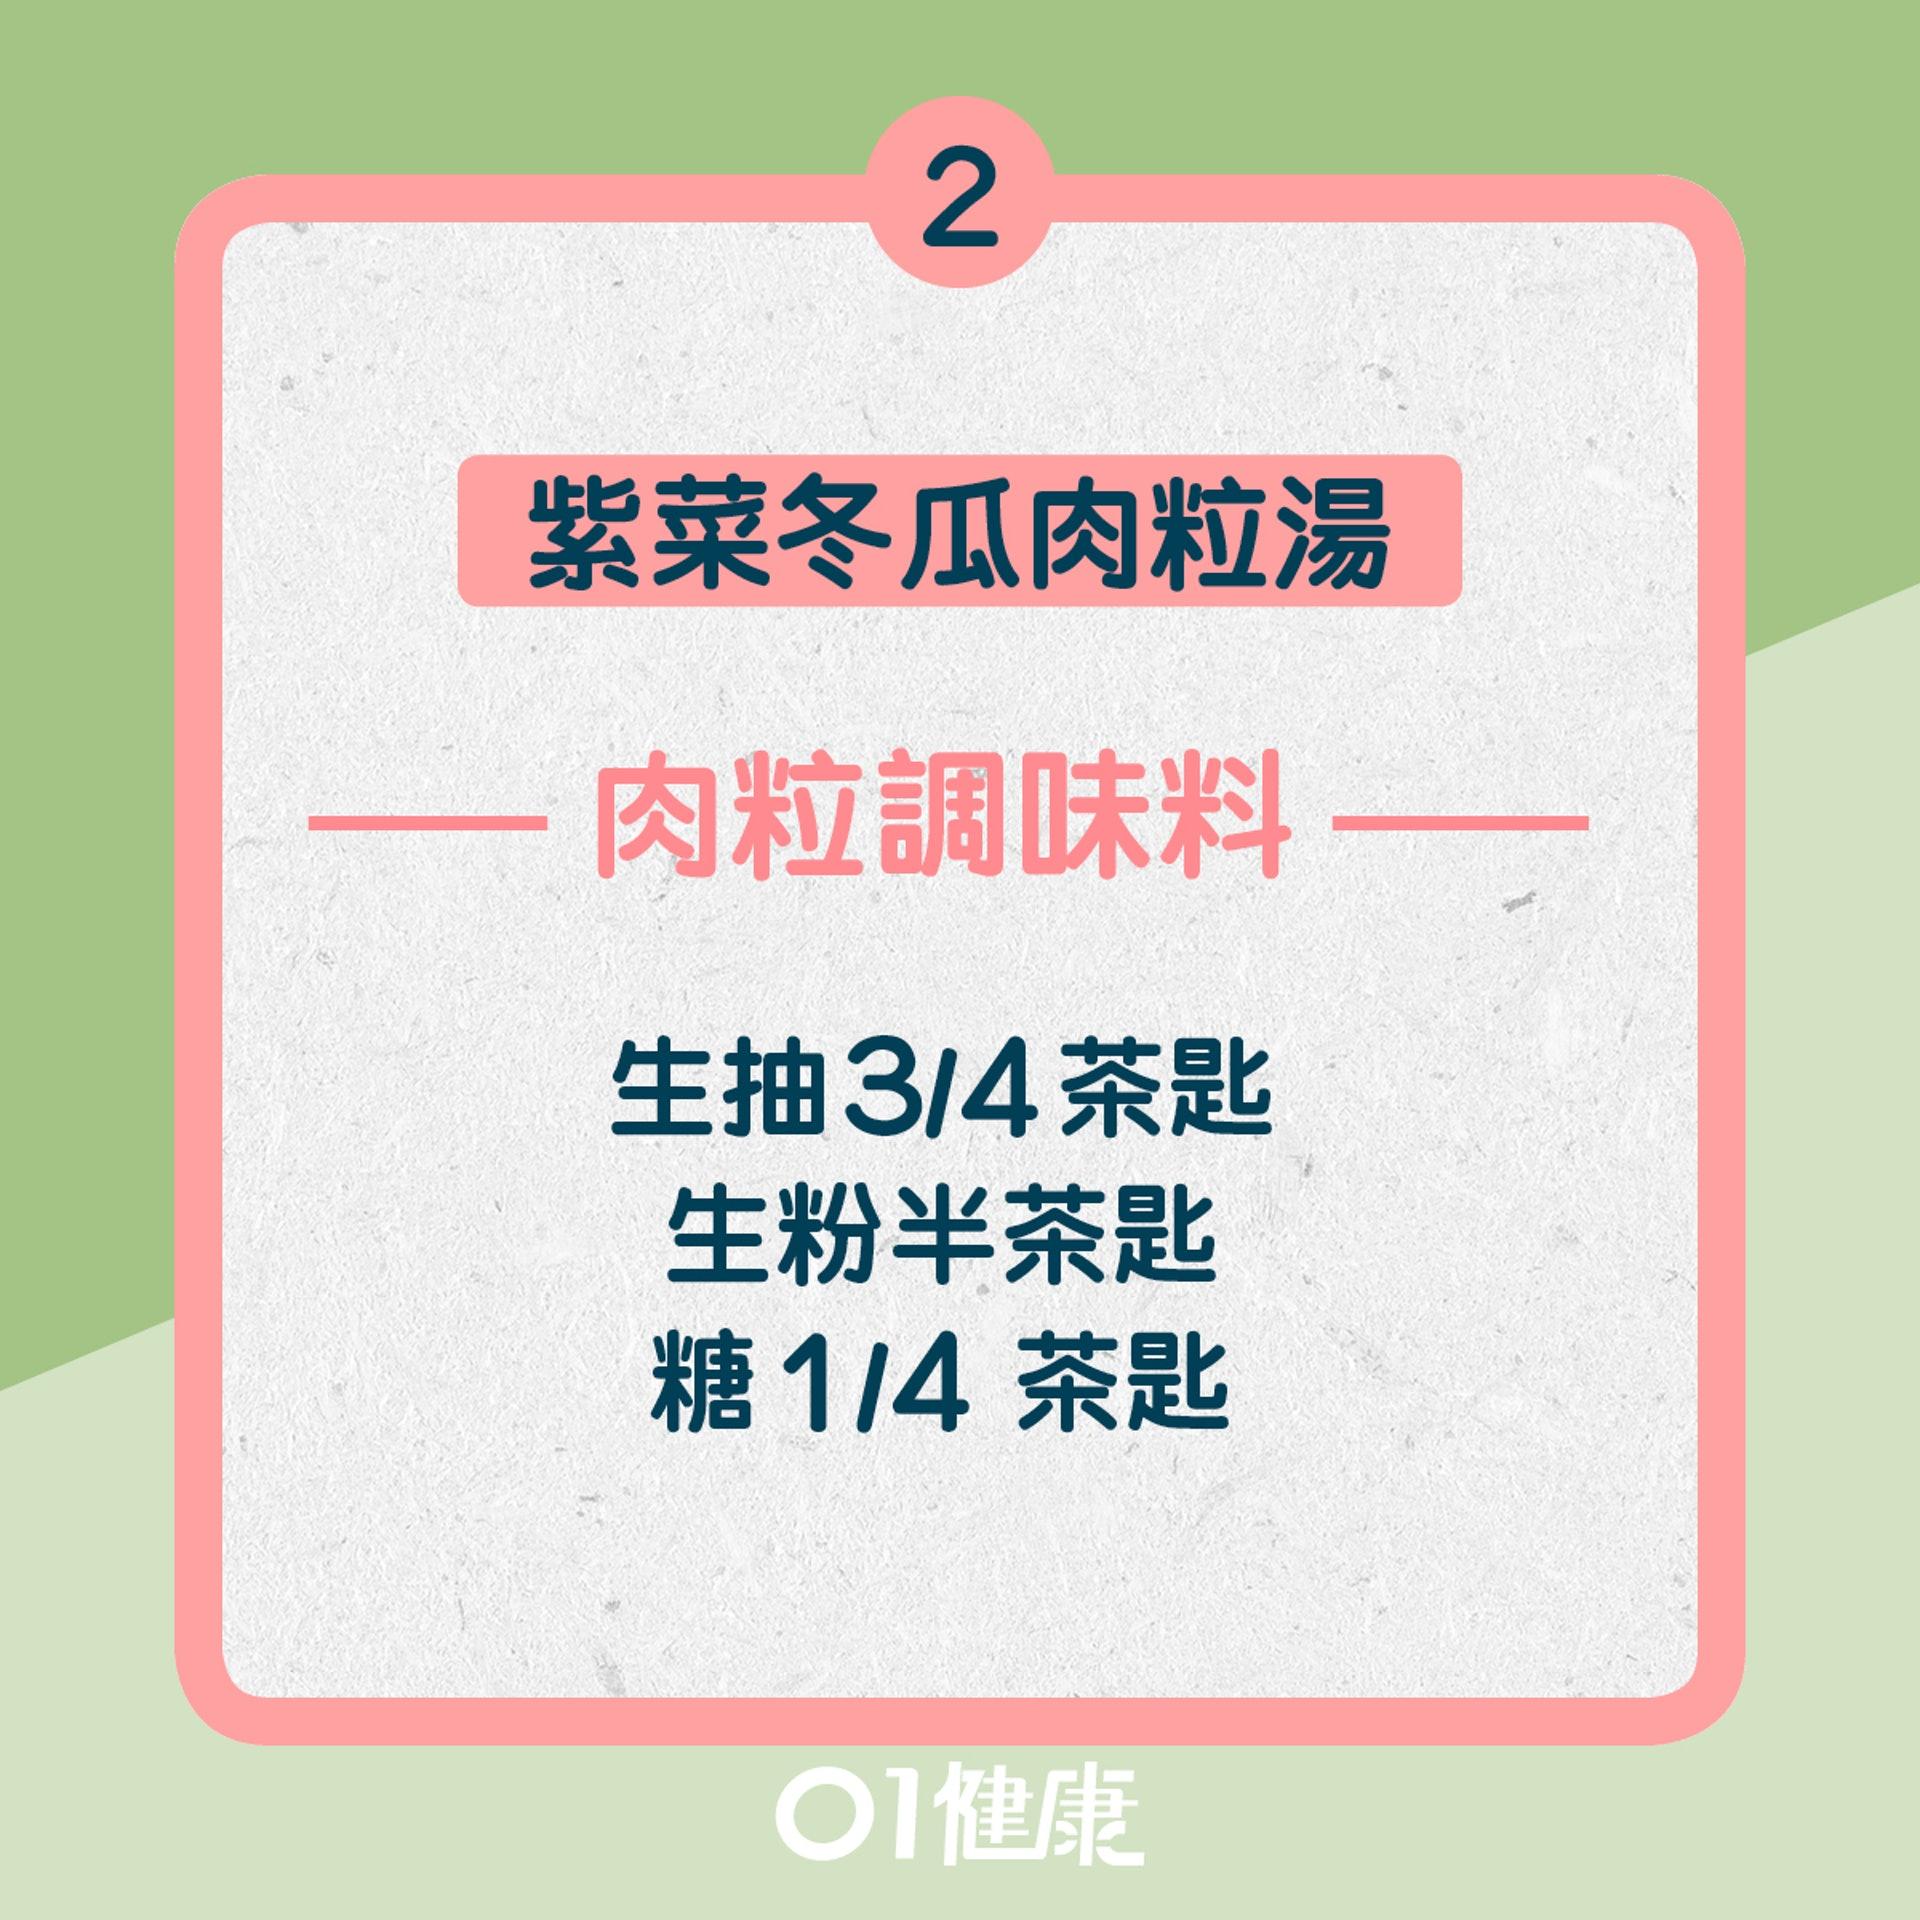 2. 紫菜冬瓜肉粒湯:肉粒調味料(01製圖)